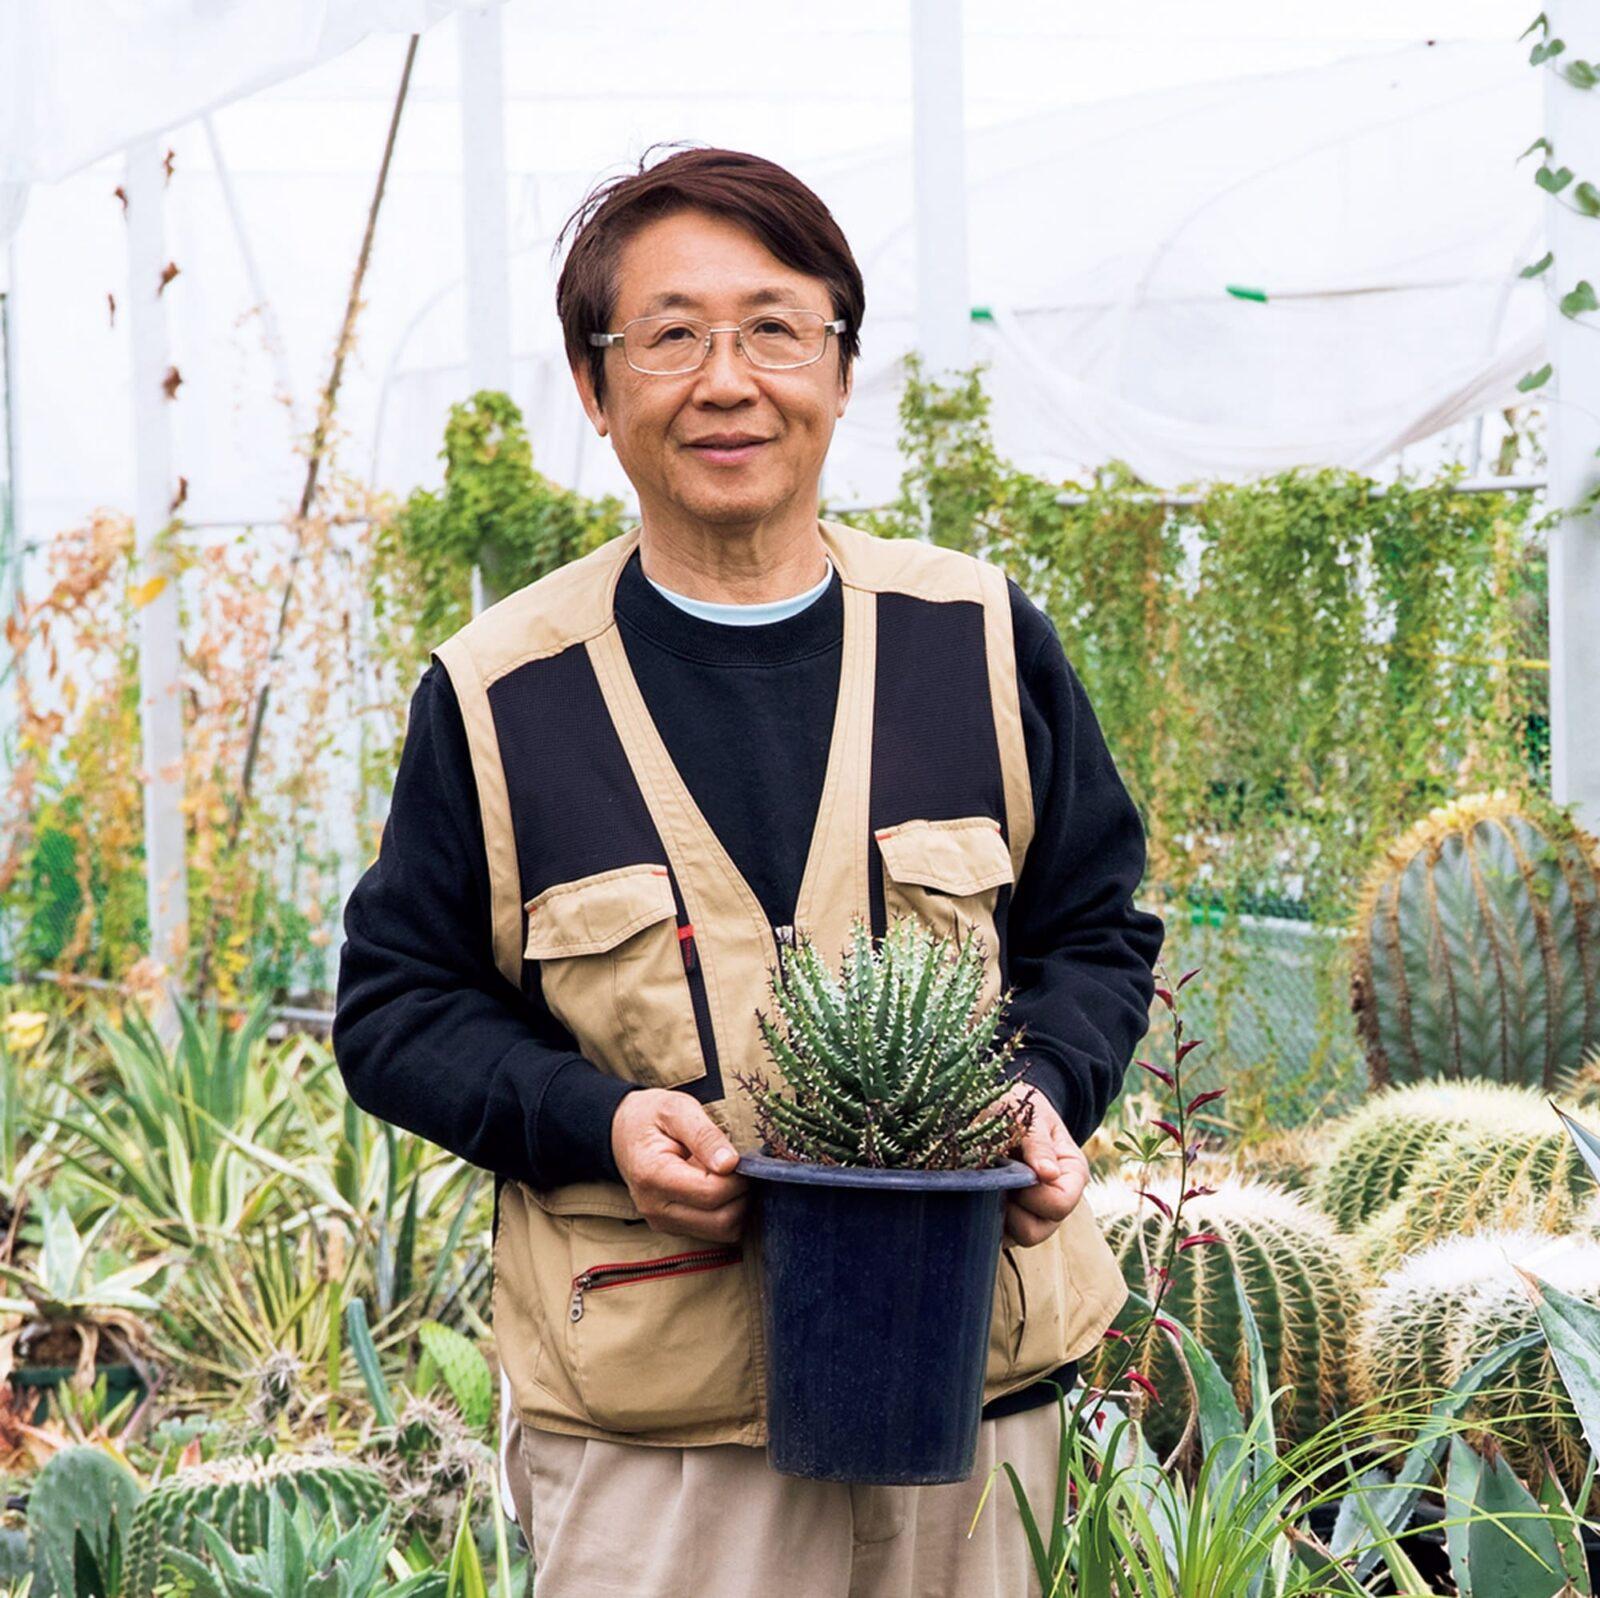 代表の佐藤勉さん。店長である息子さんが、「ヤフオク!」に植物を出品しているので、覗いてみると思わぬ出会いがあるかも。